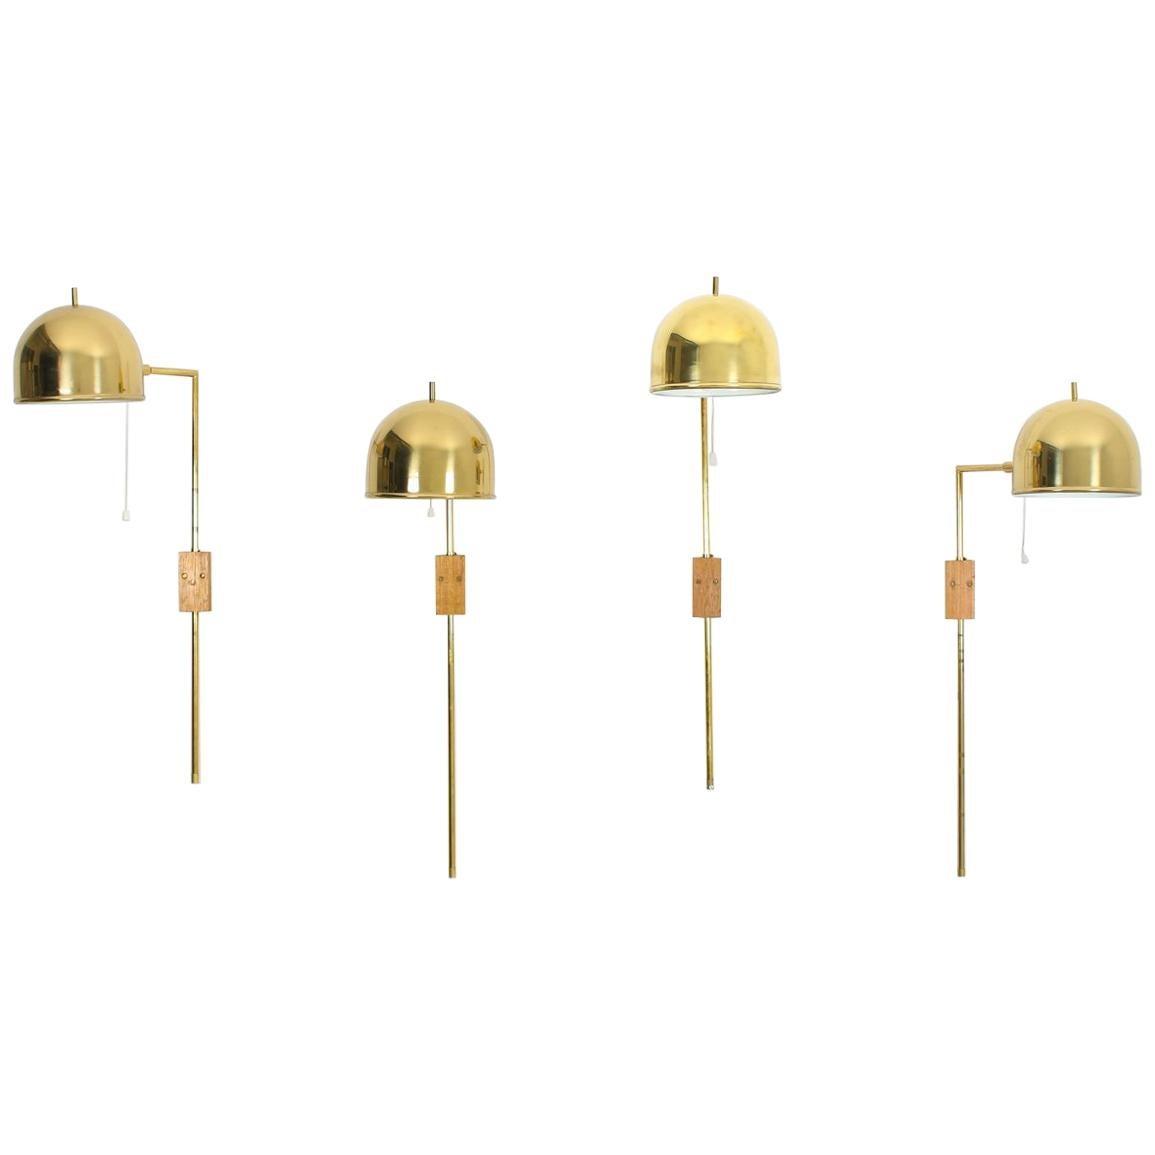 Scandinavian Midcentury Wall Lamps in Brass by Bergboms, Sweden